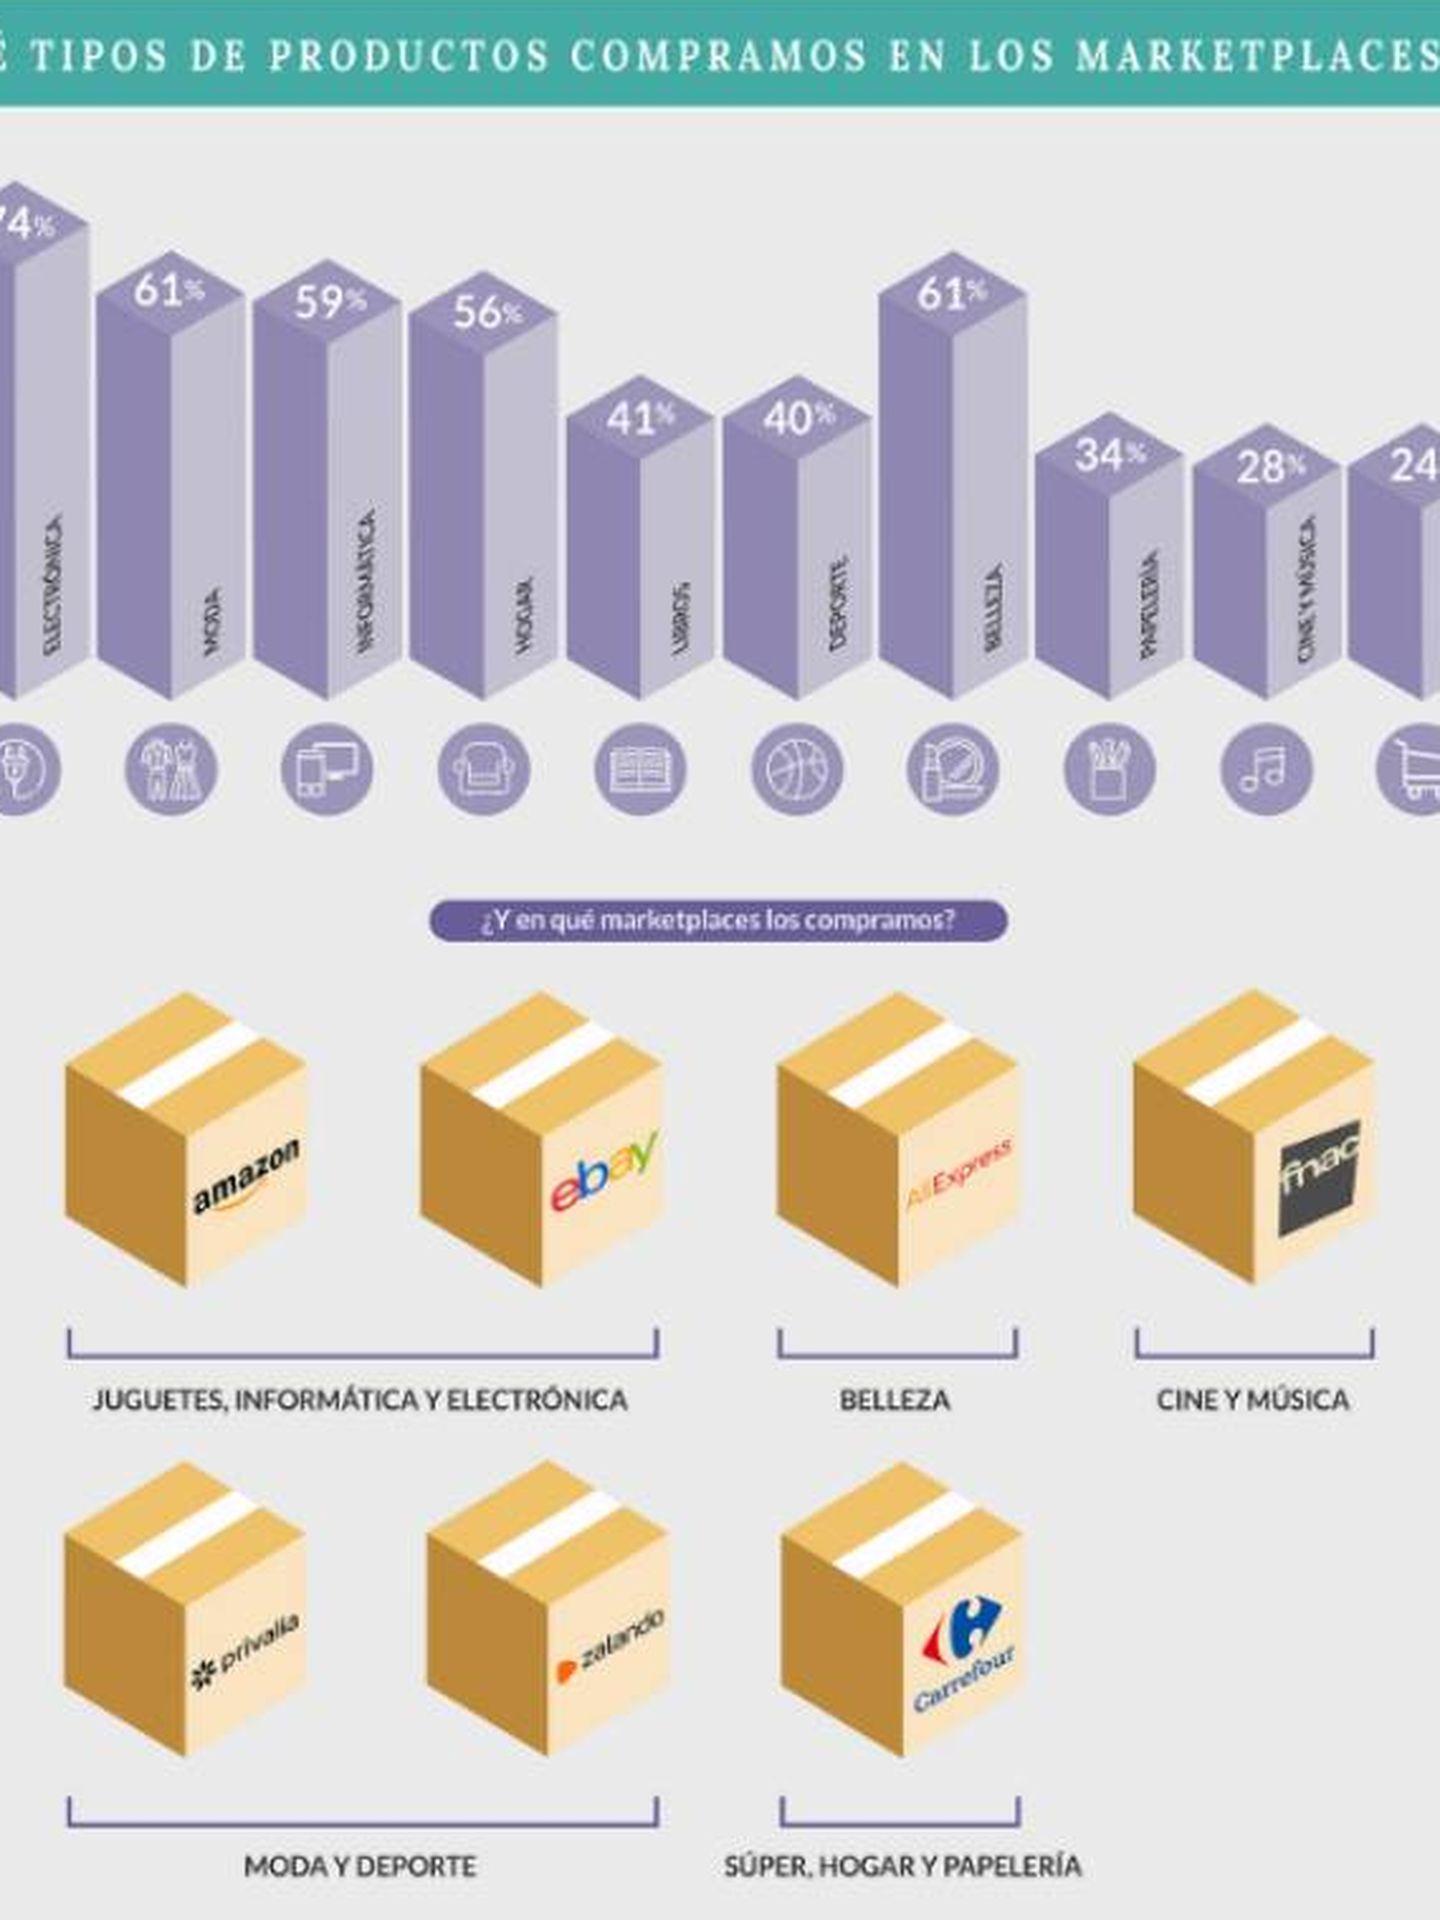 Gráfico facilitado por la consultora Tandem Up (Grupo Viko)